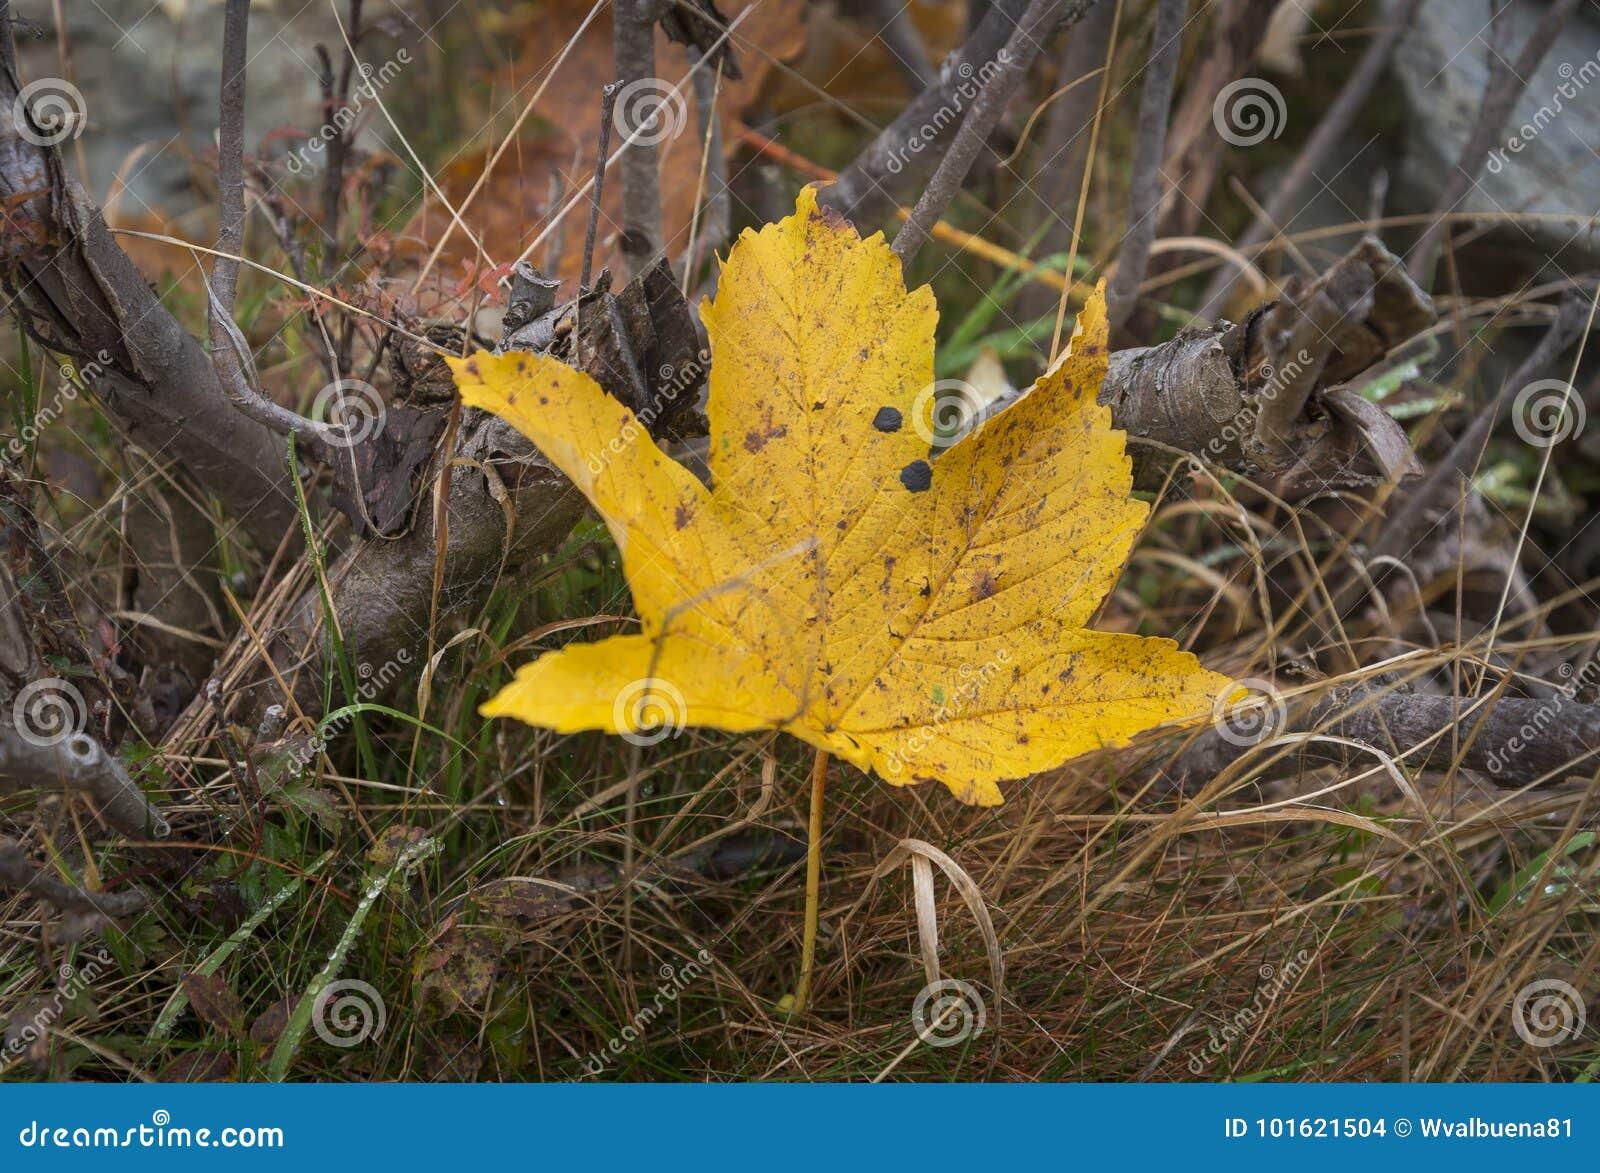 Dettaglio della foglia gialla caduta nella foresta